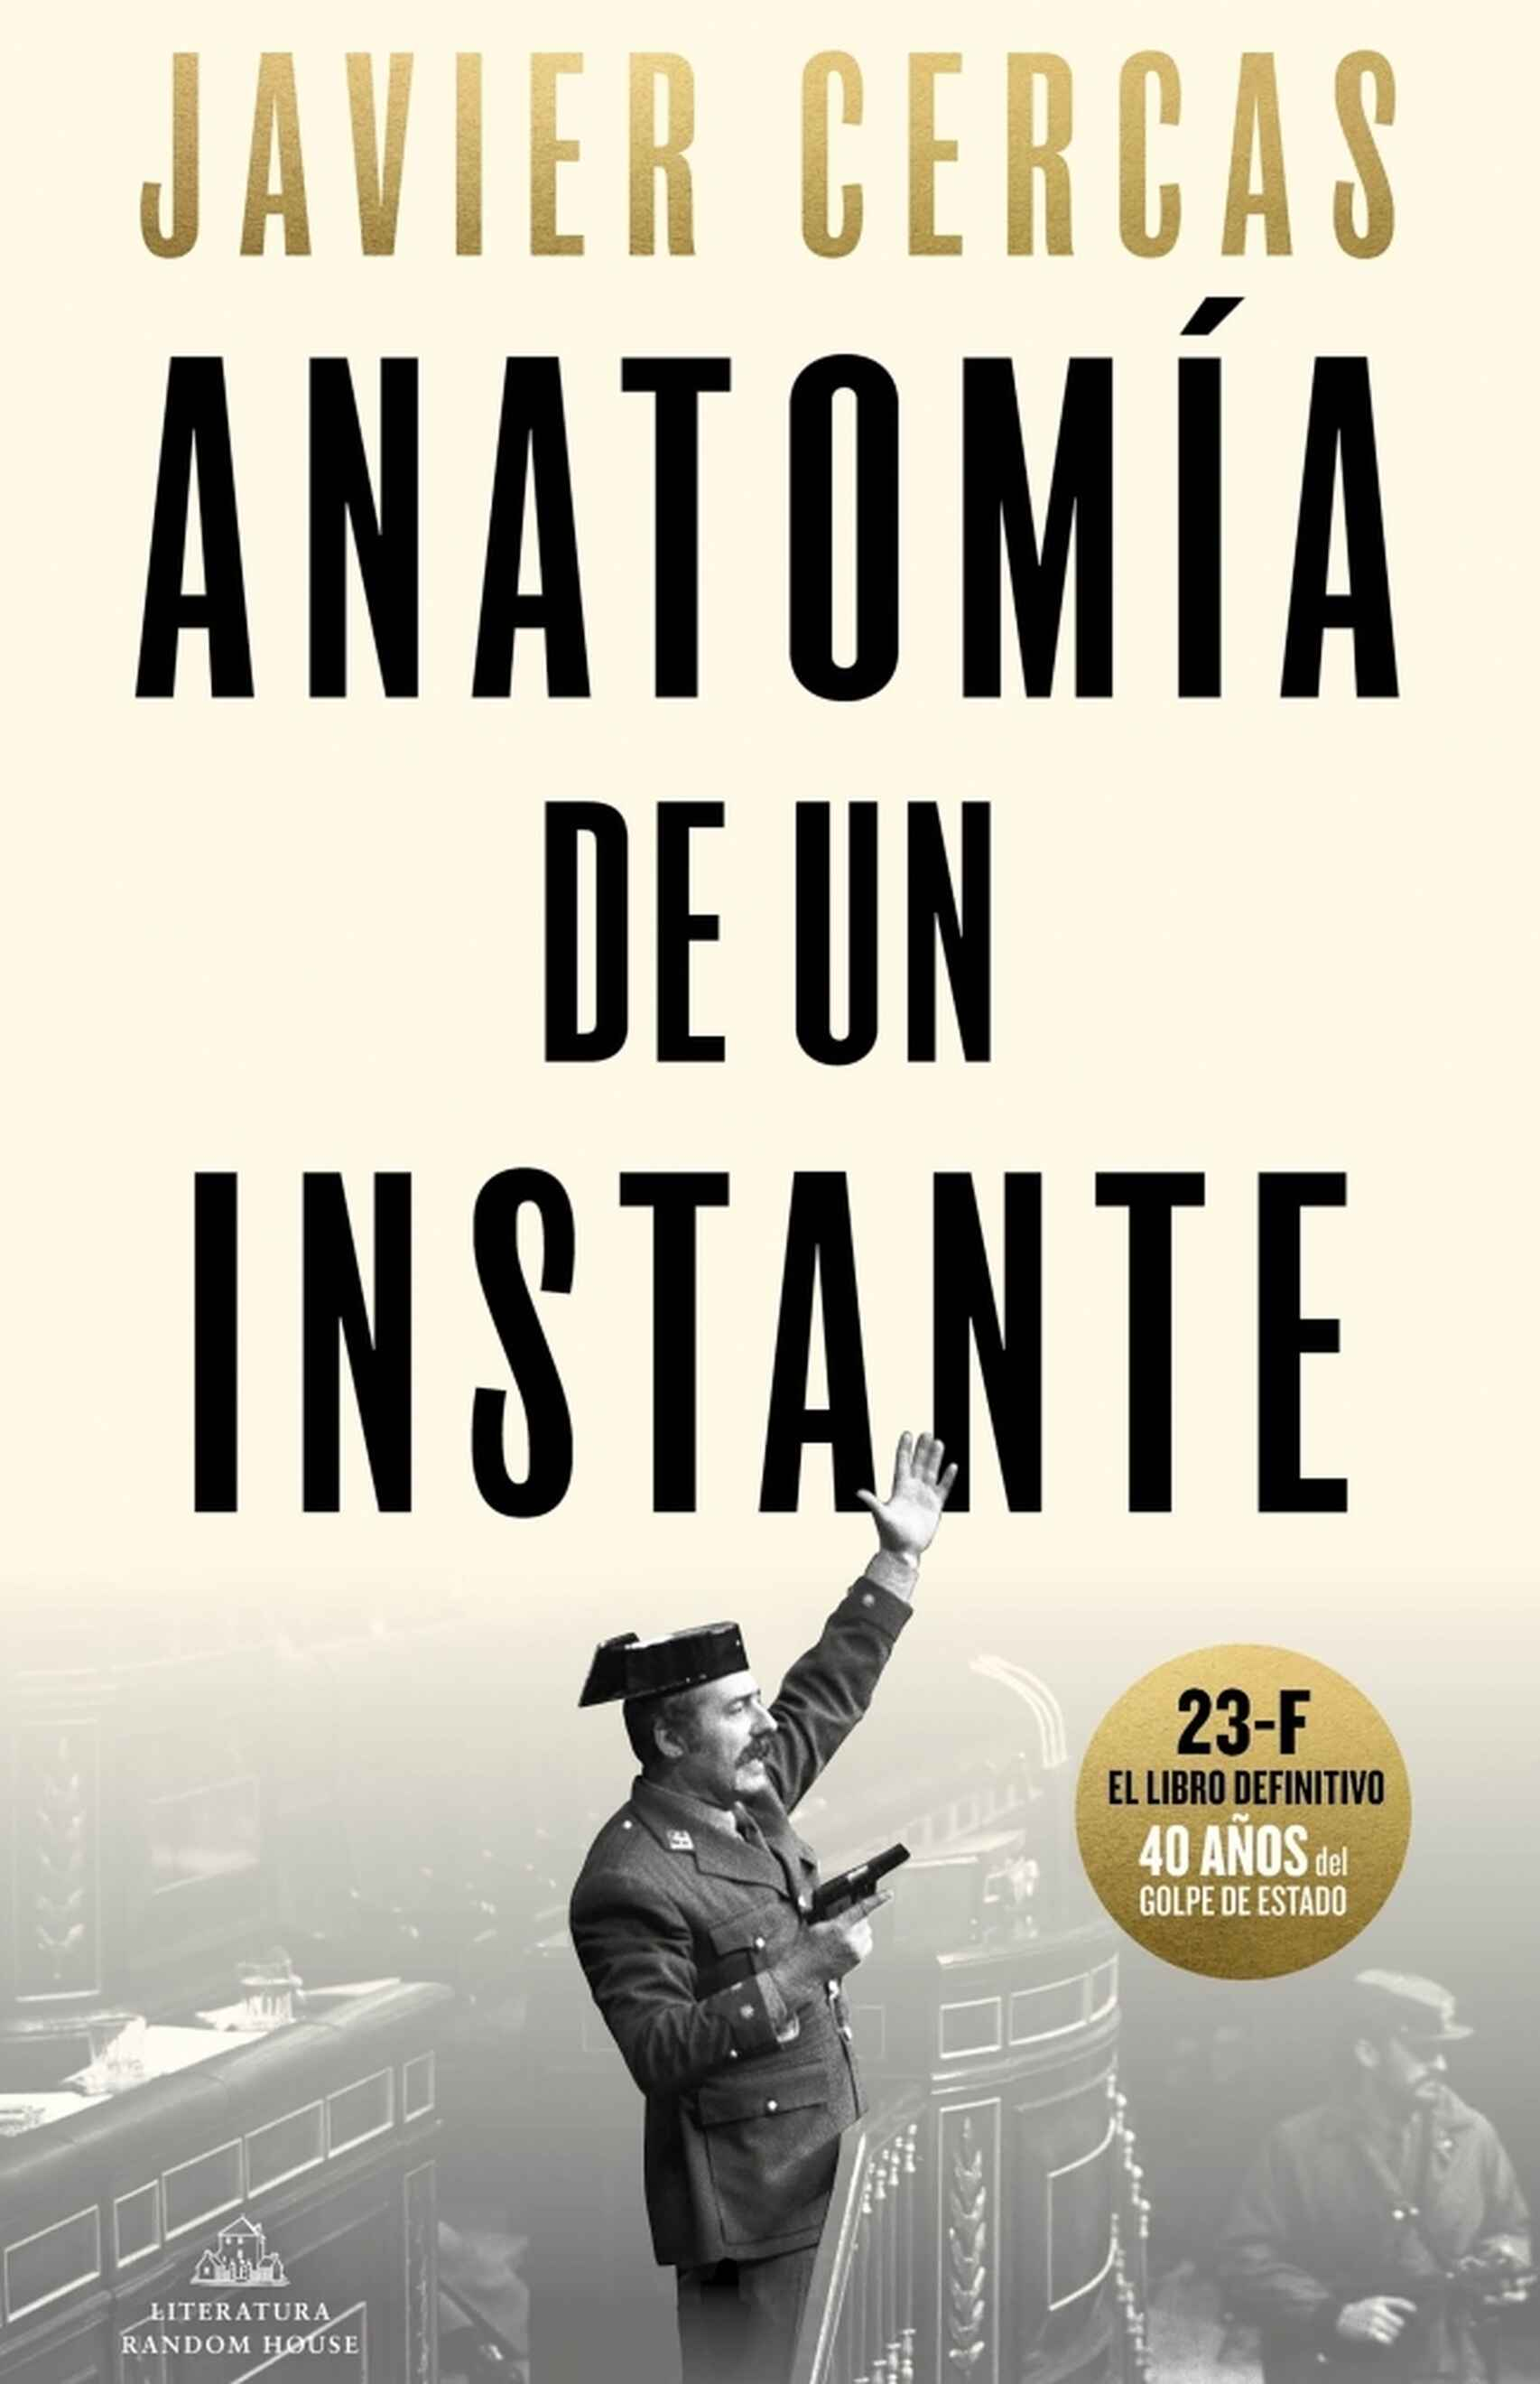 Nueva portada de 'Anatomía de un instante'.